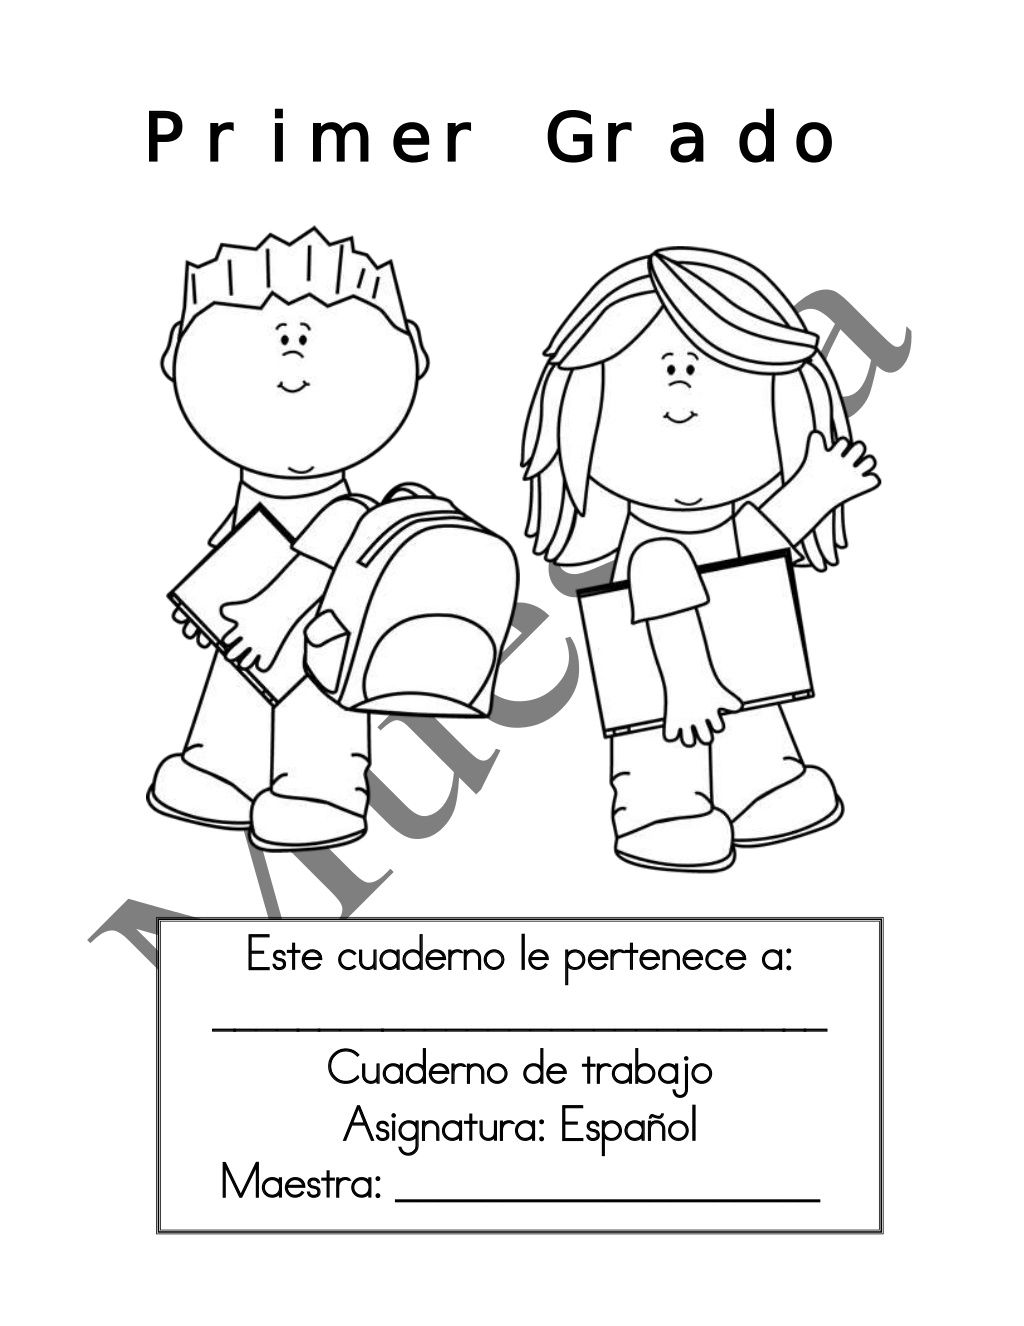 Cuaderno De Trabajo Primer Grado By Olga Martinez Via